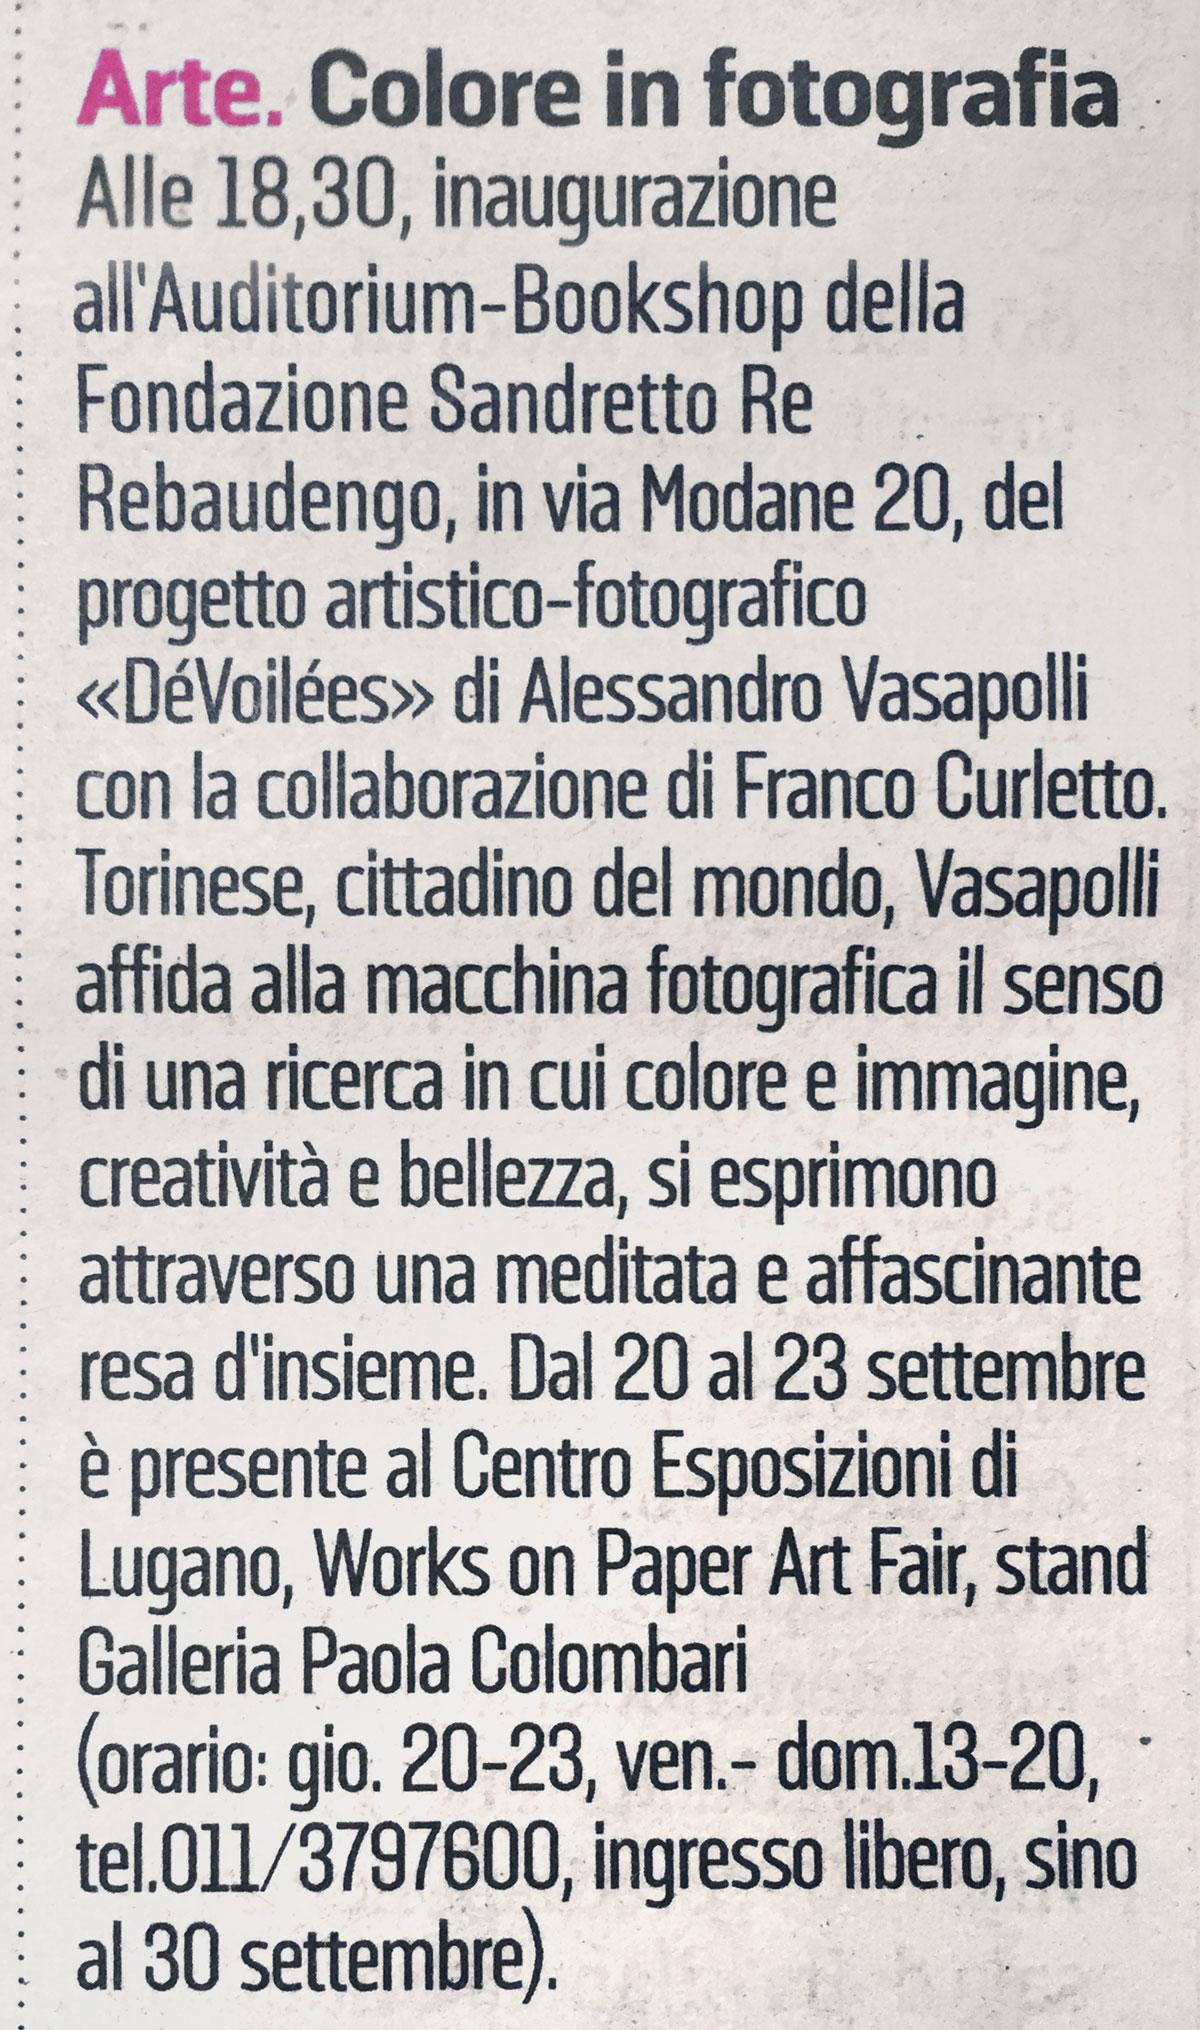 Alessandro_Vasapolli_DeVoilees_La_Stampa_Torino7_06_09_2018